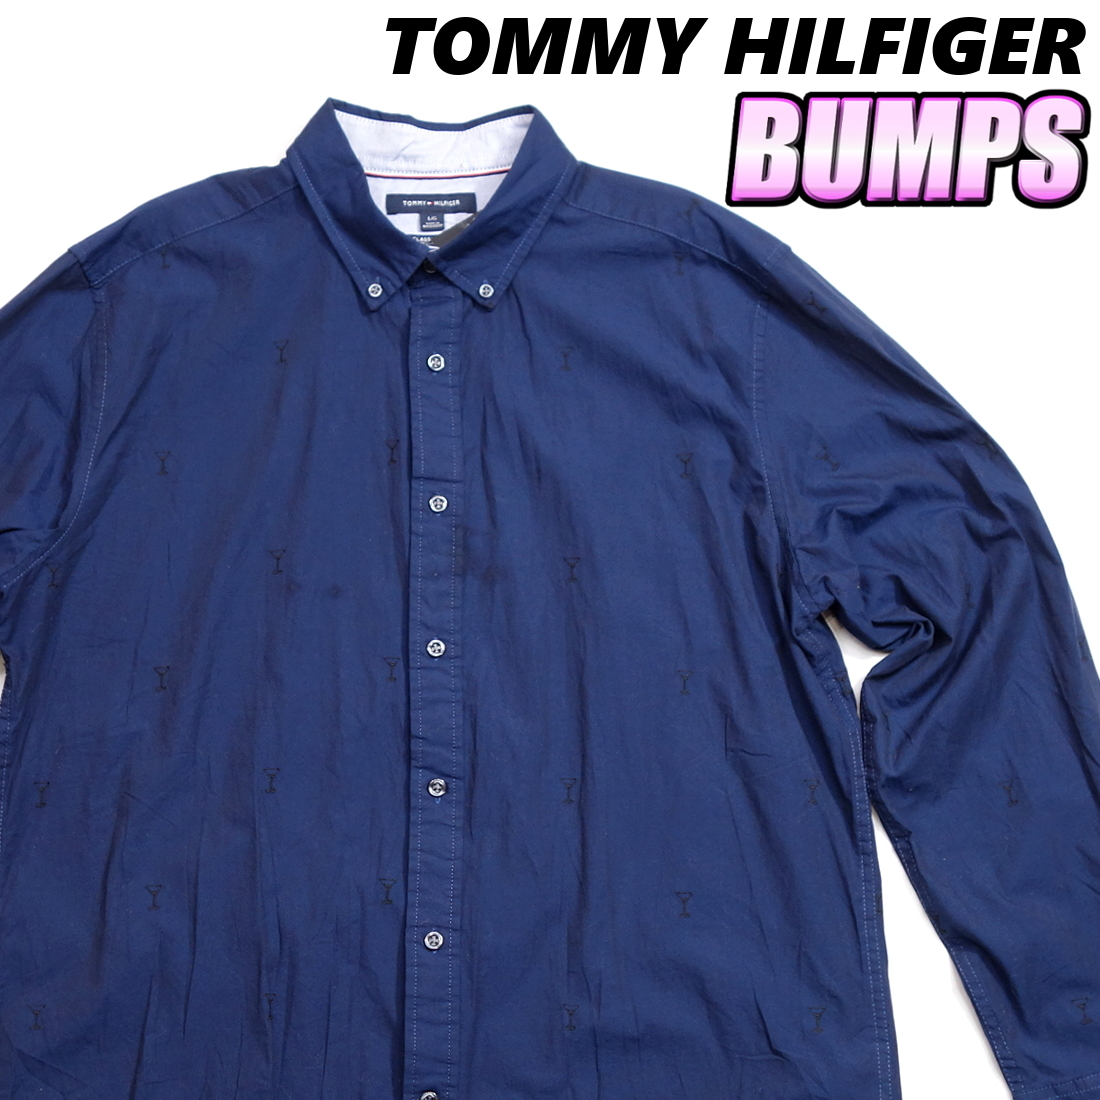 トミーヒルフィガー TOMMY パターンシャツ カクテルグラス柄シャツ 長袖 メンズ L ボタンダウン カジュアル USA直輸入 古着 MTH-3-5-0005_画像1